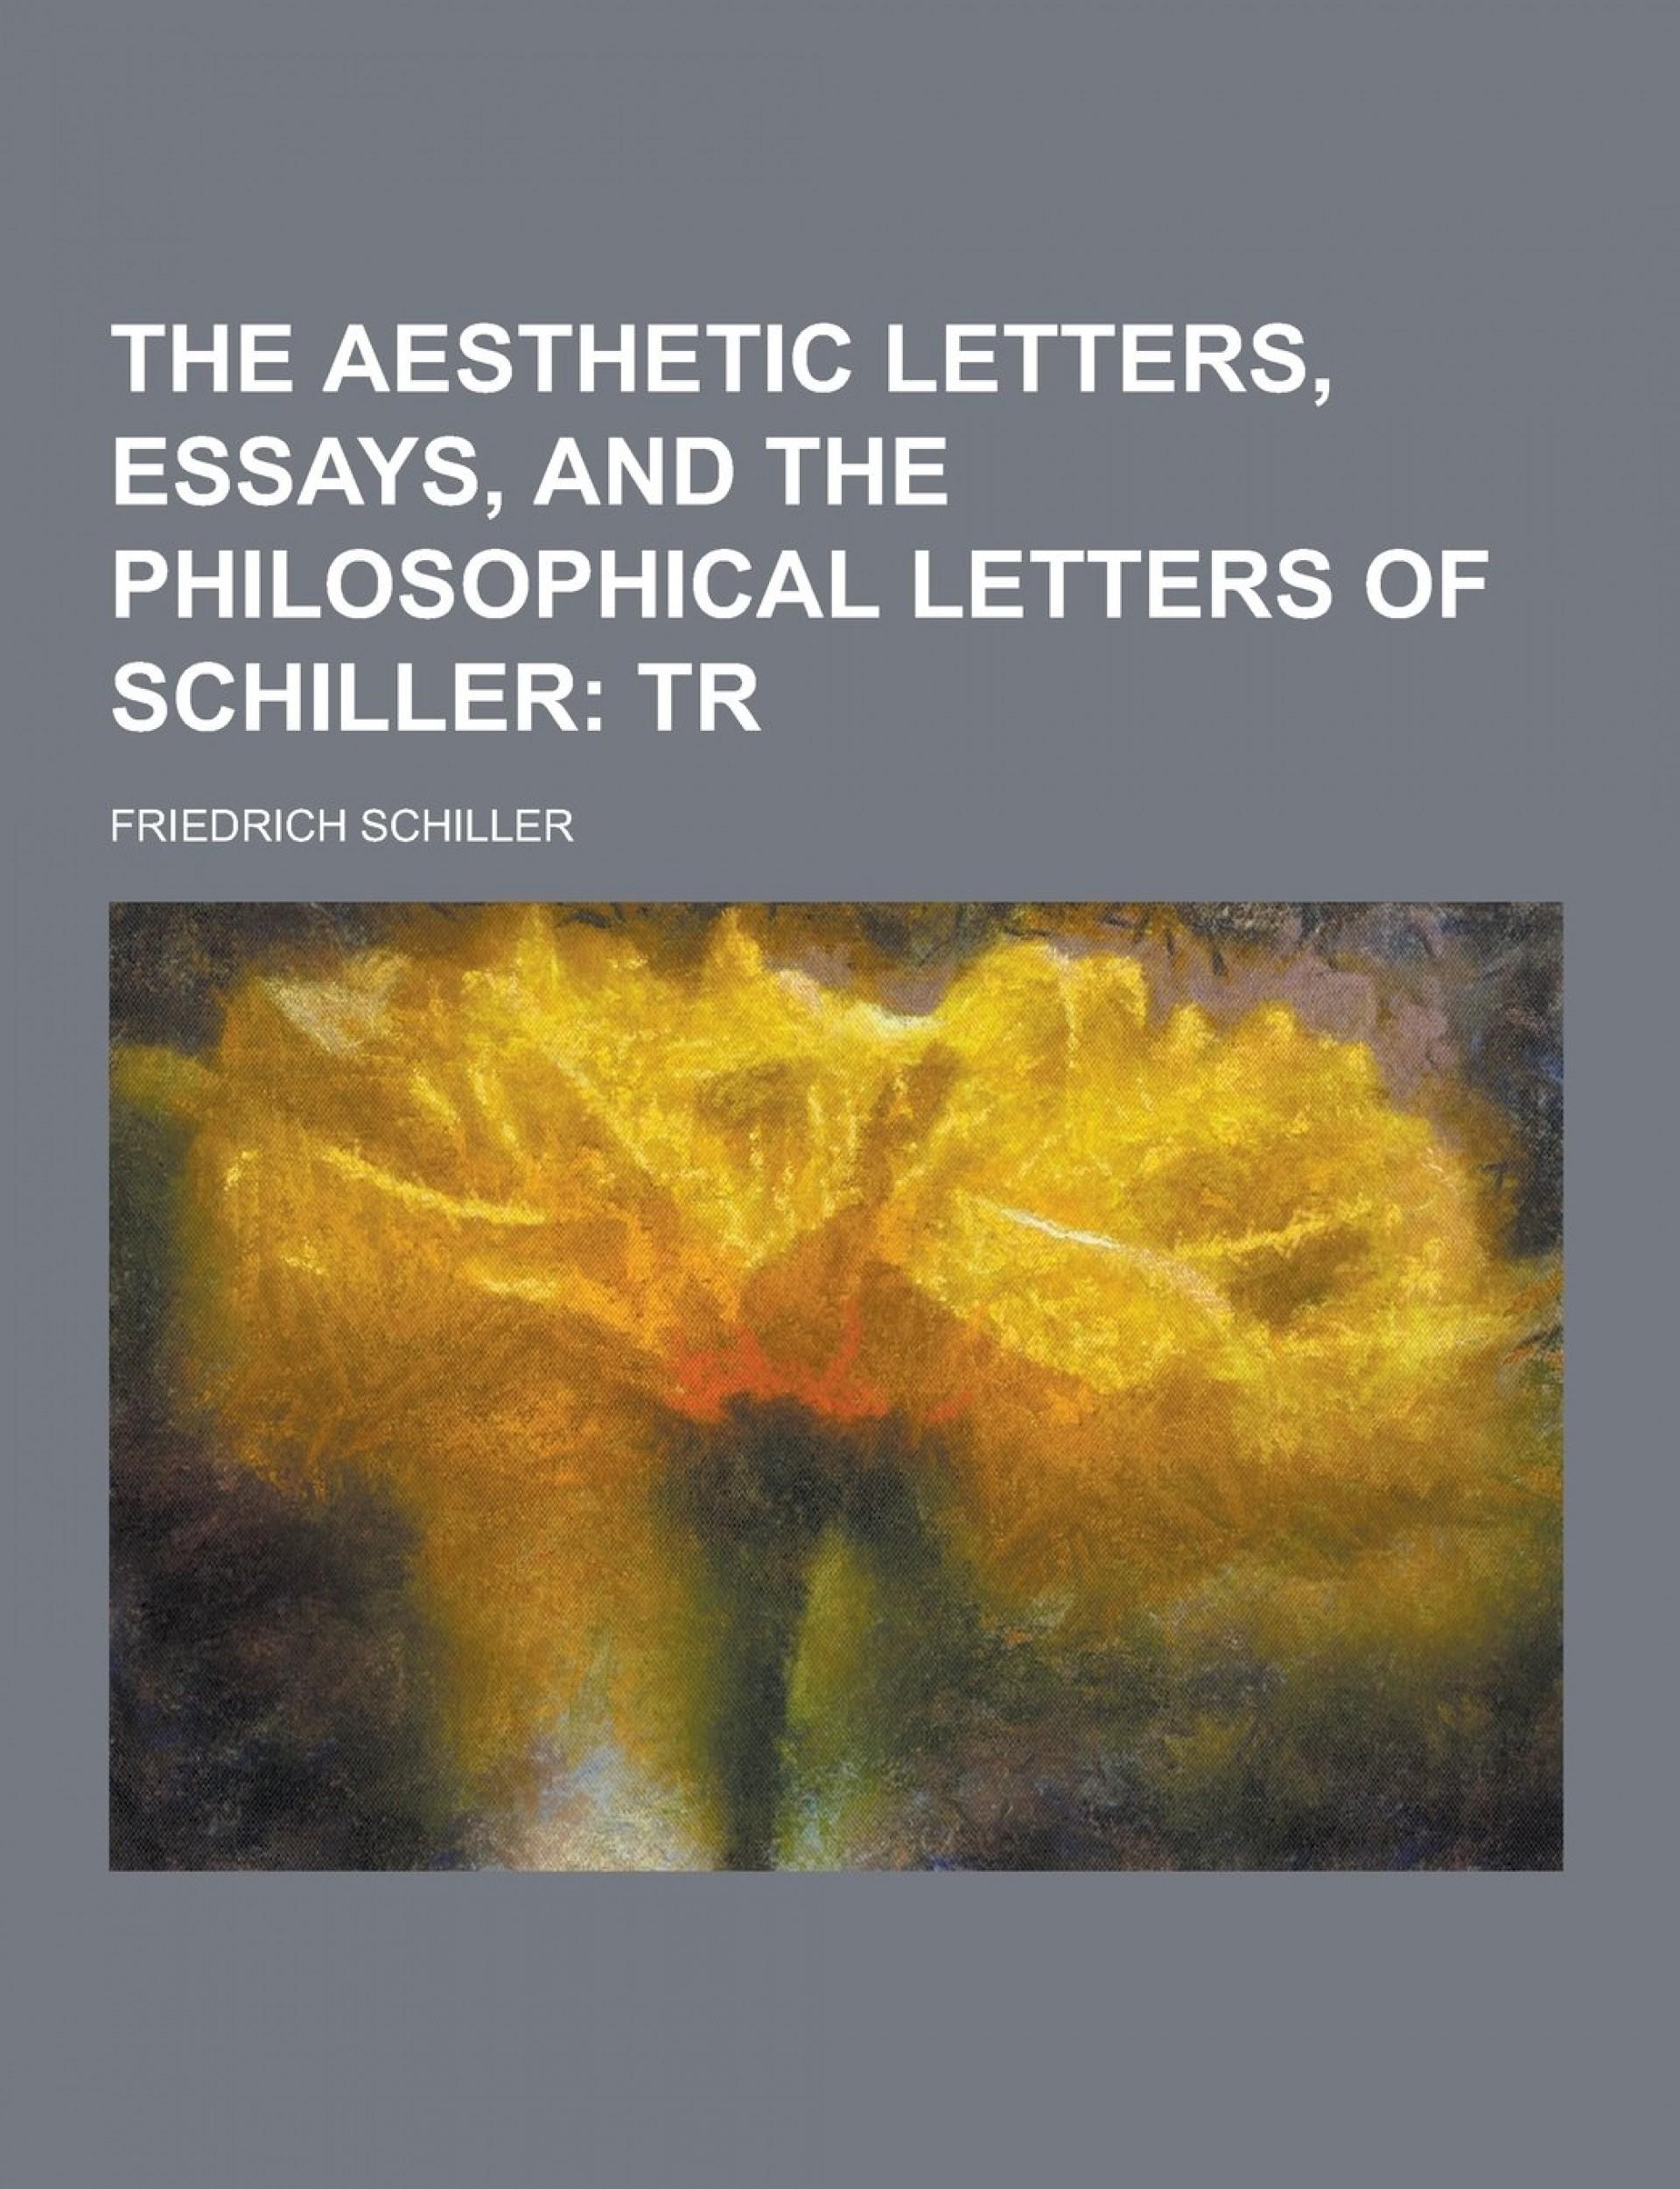 012 Essay Example Schiller Essays Awful Friedrich 1920